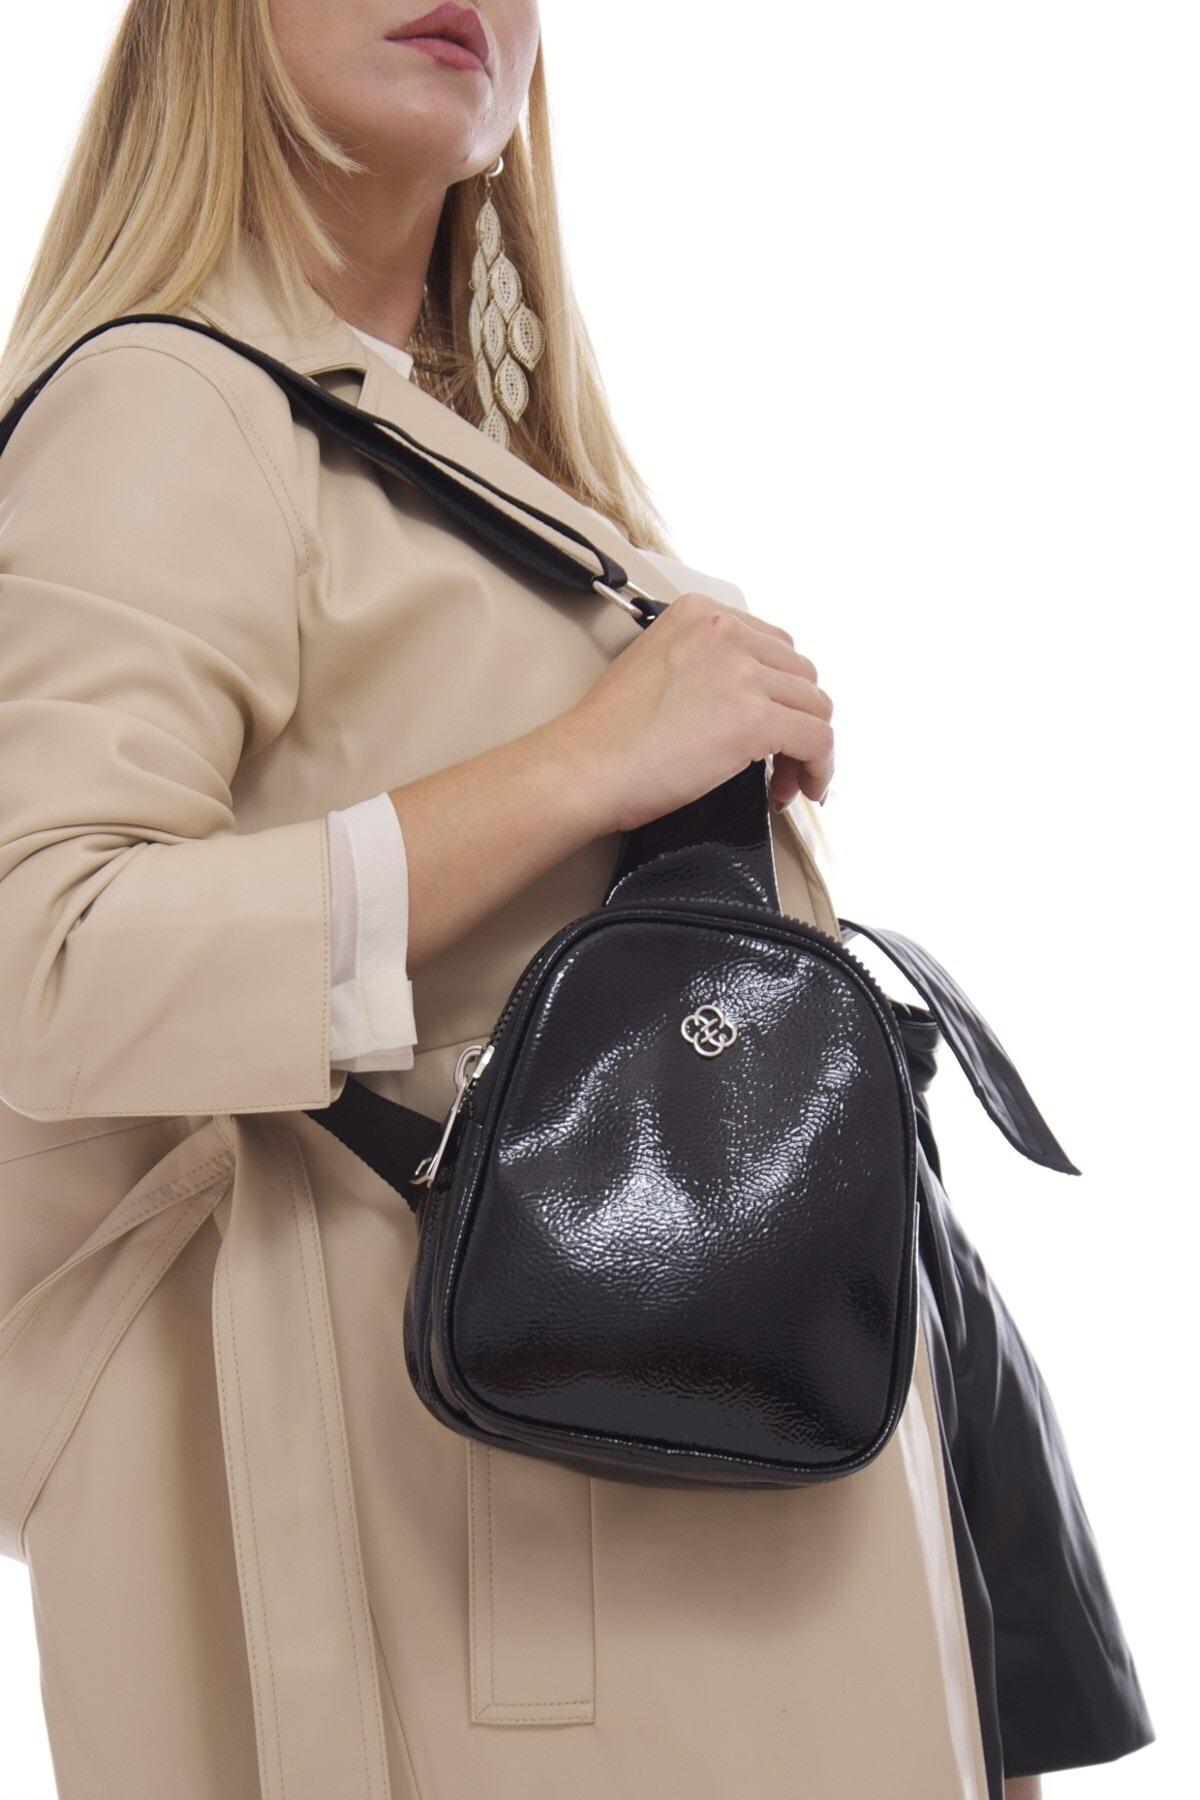 Couro de Patente Pingente de Ombro e Cruz Feminina Preta Dois Compartimentos Freesbag Cintura Bolsa Fb3098